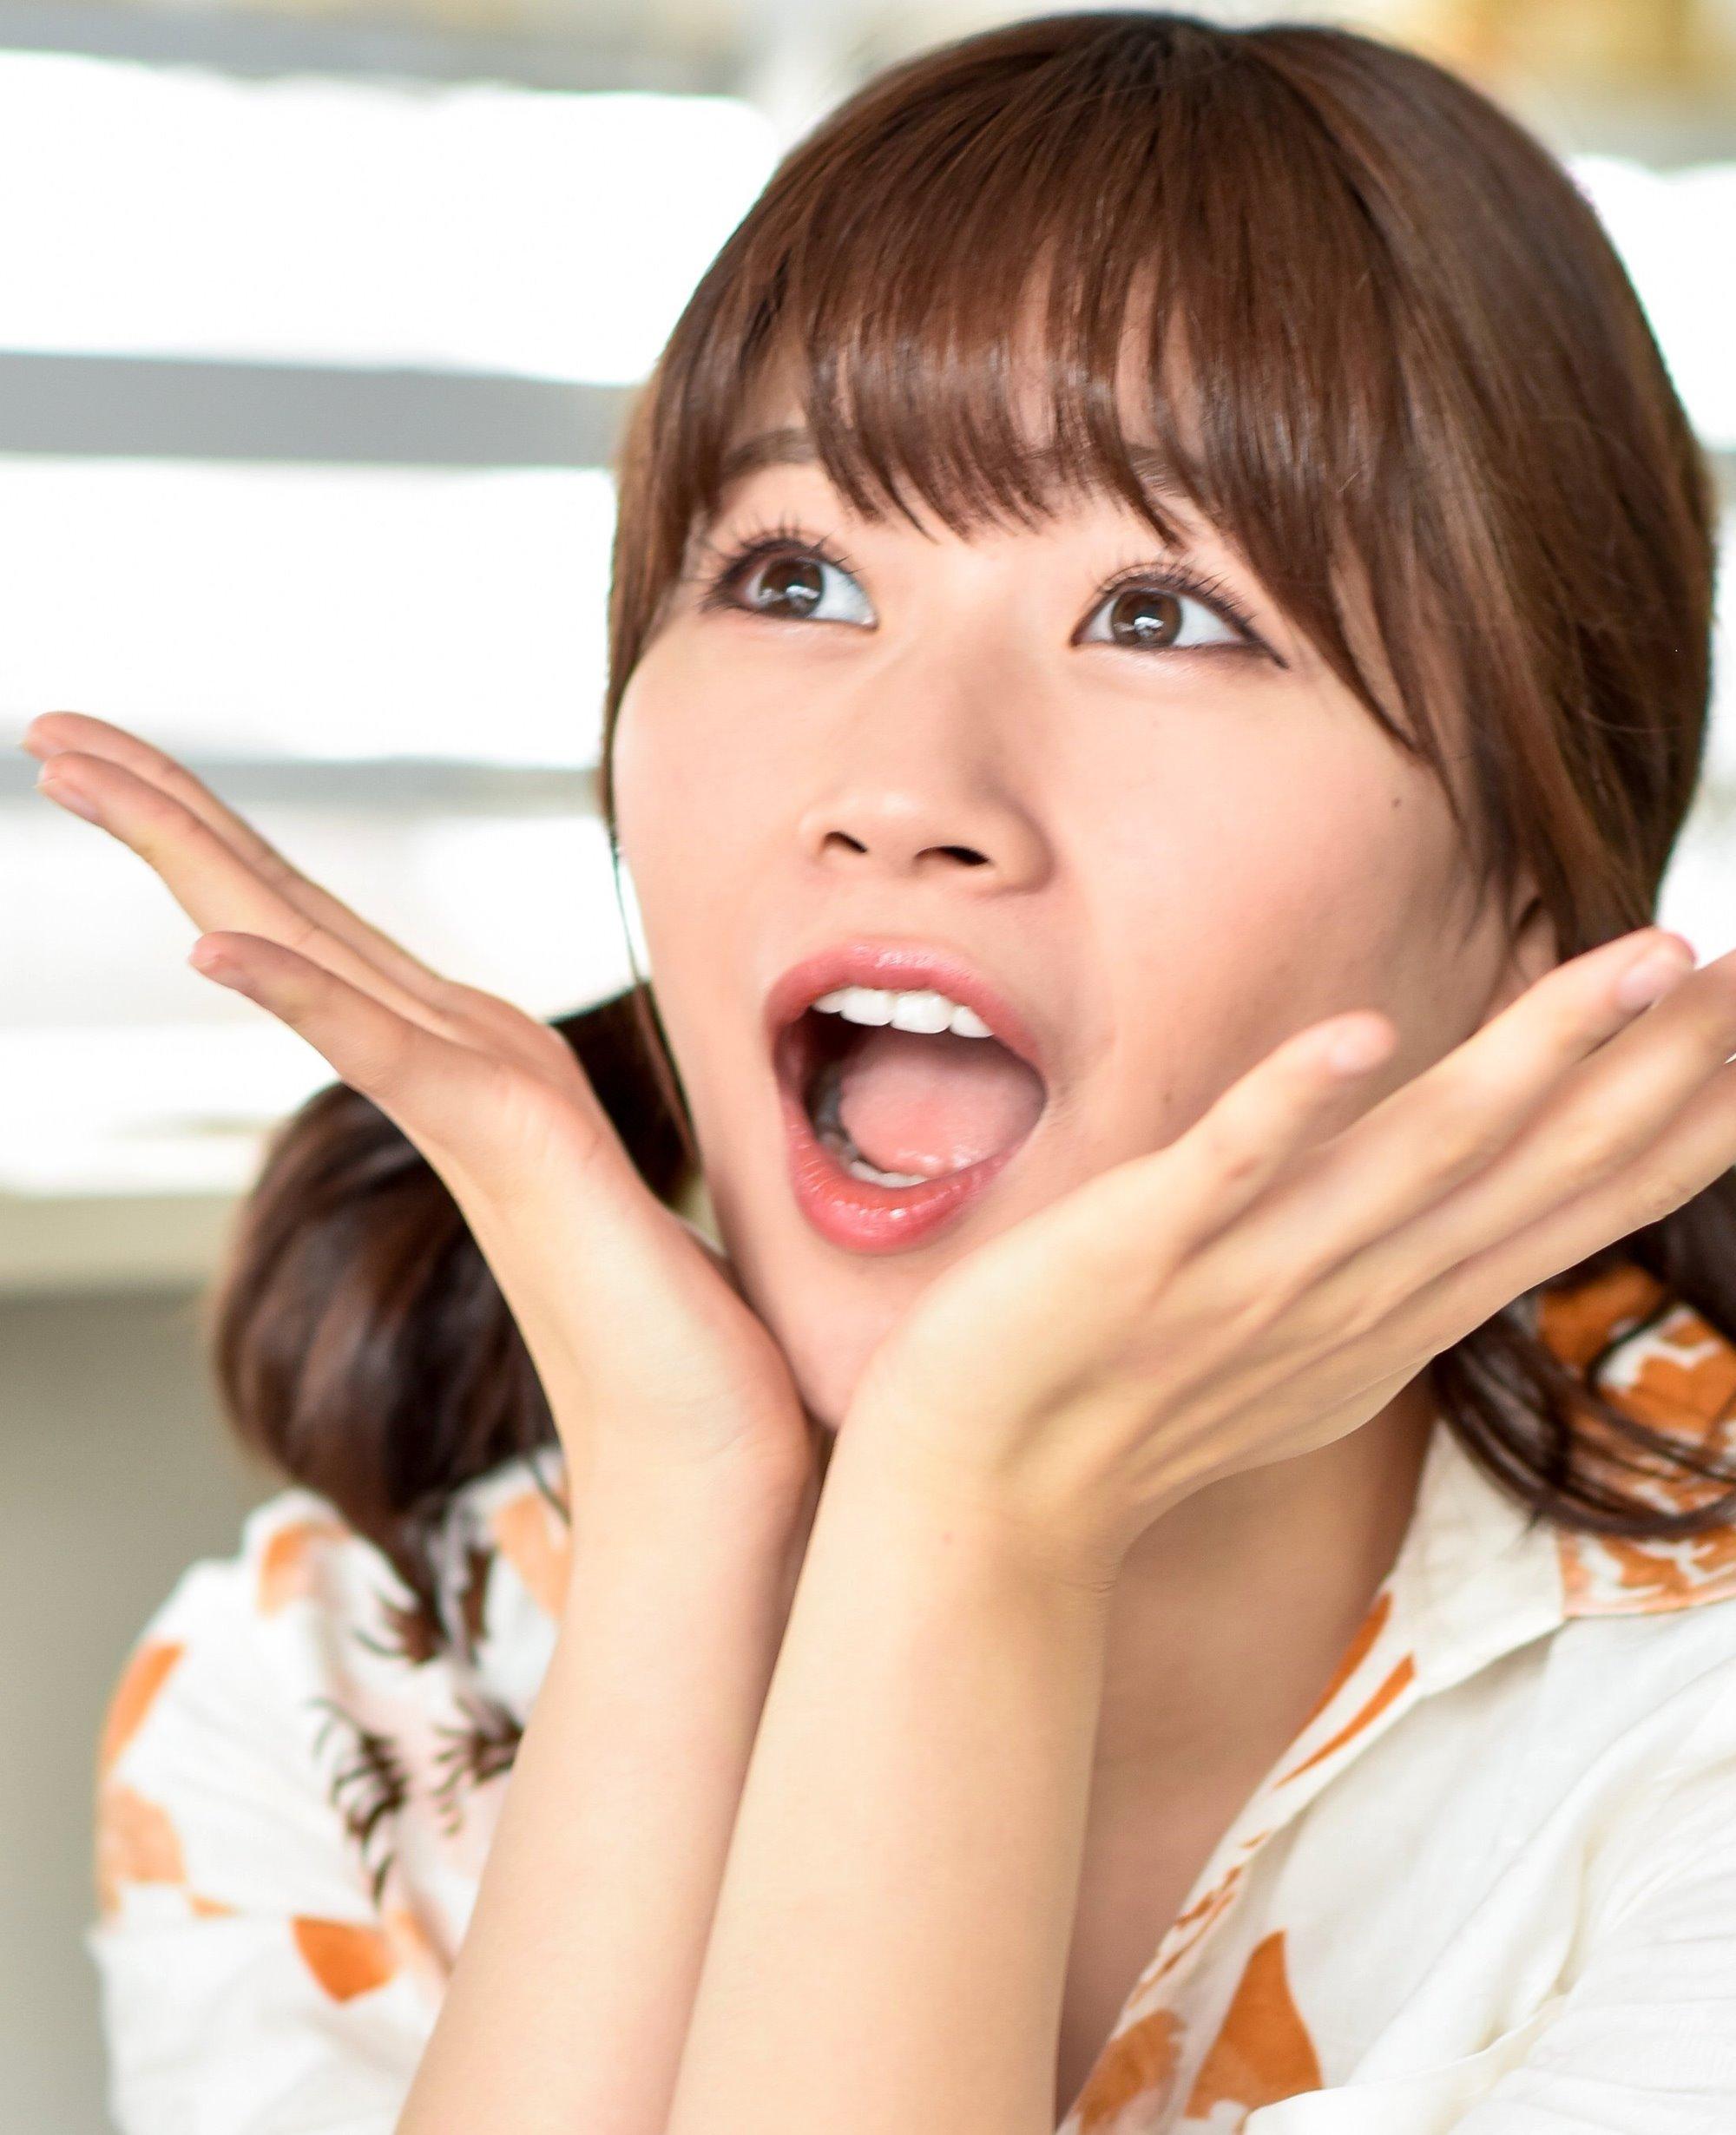 寺田葵の開口舌見せ (5)